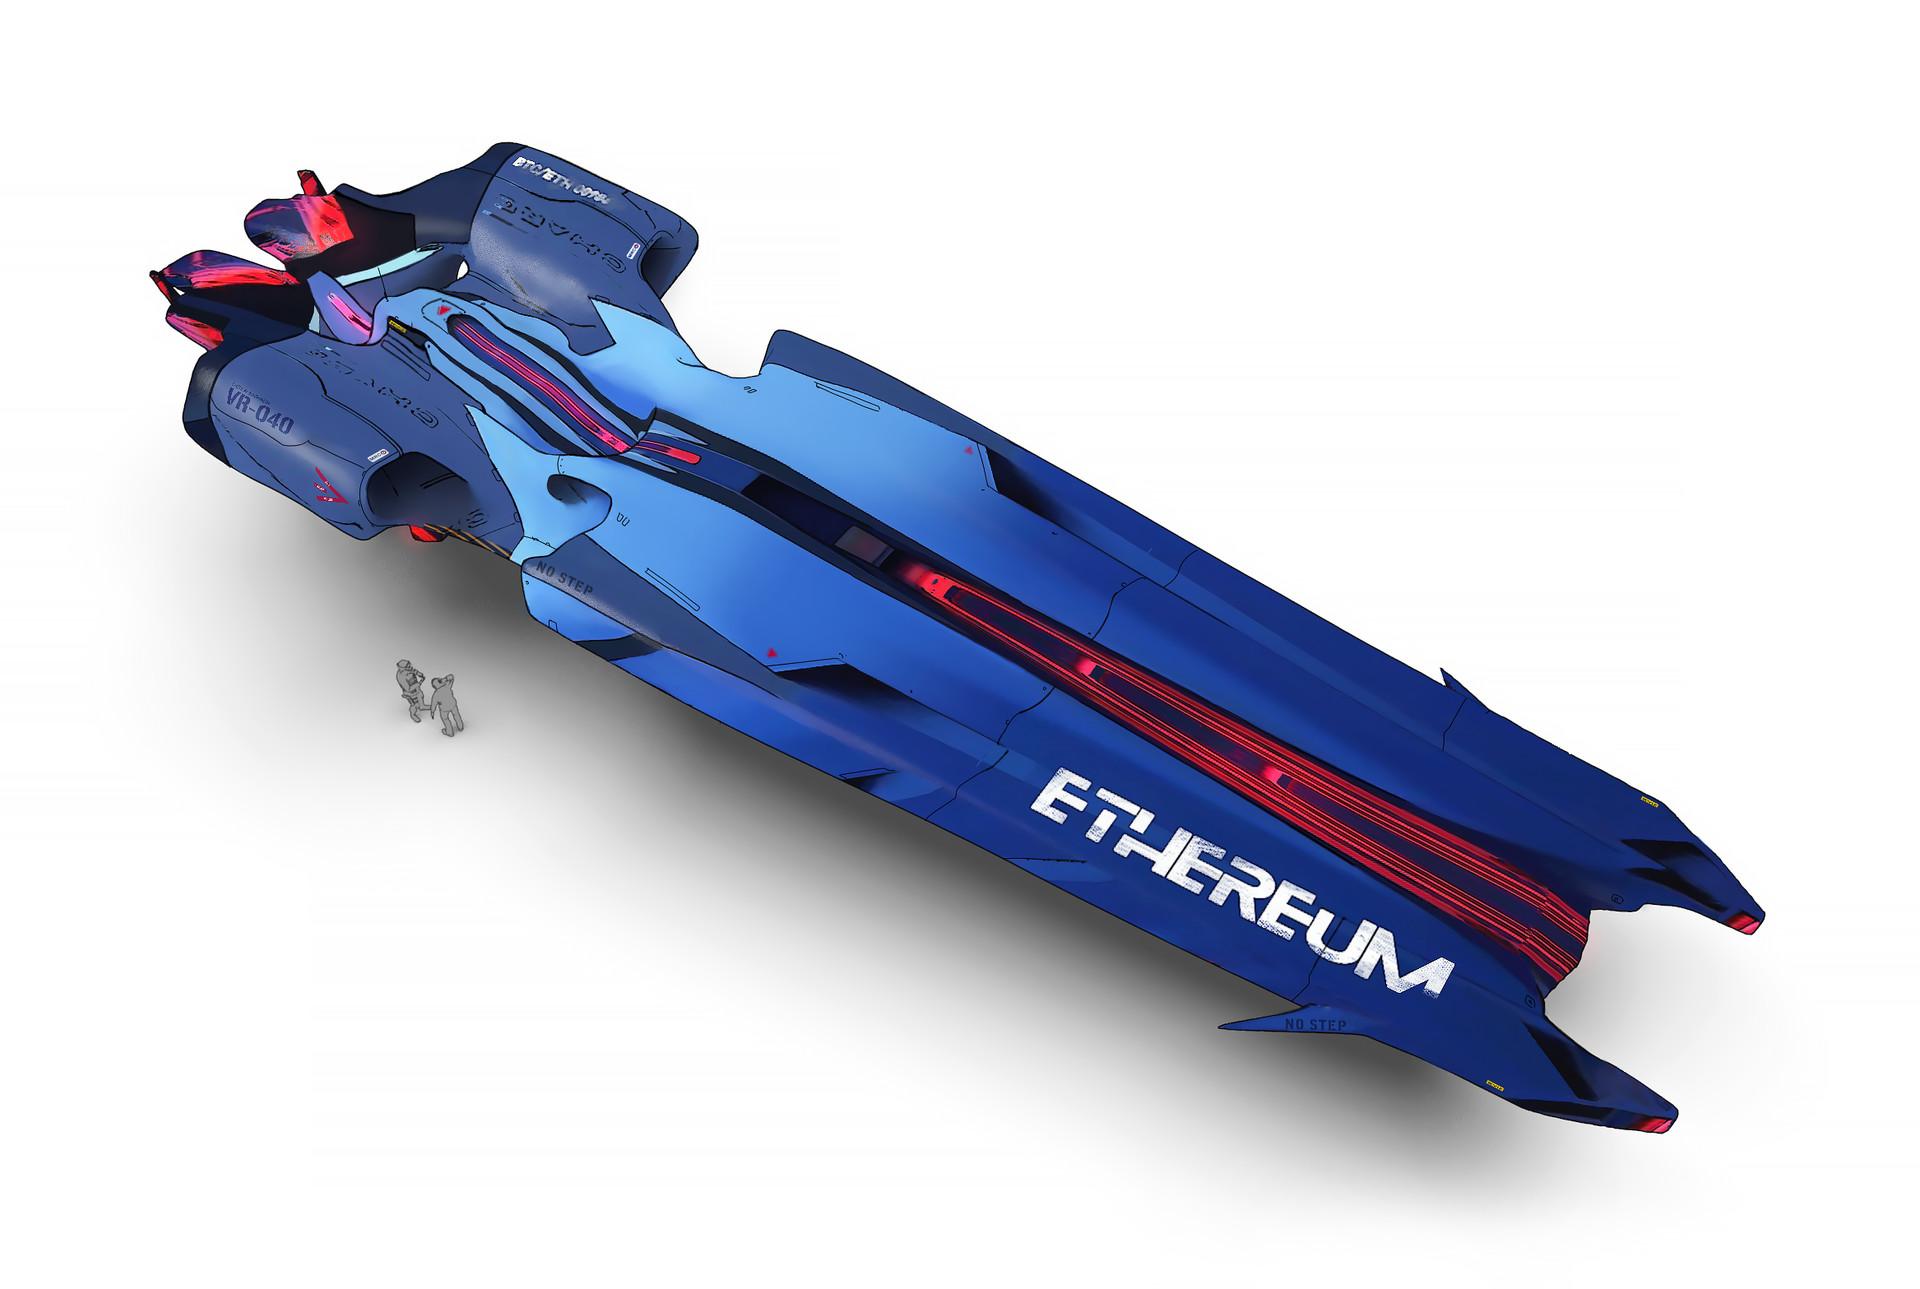 Oleg zherebin ship1